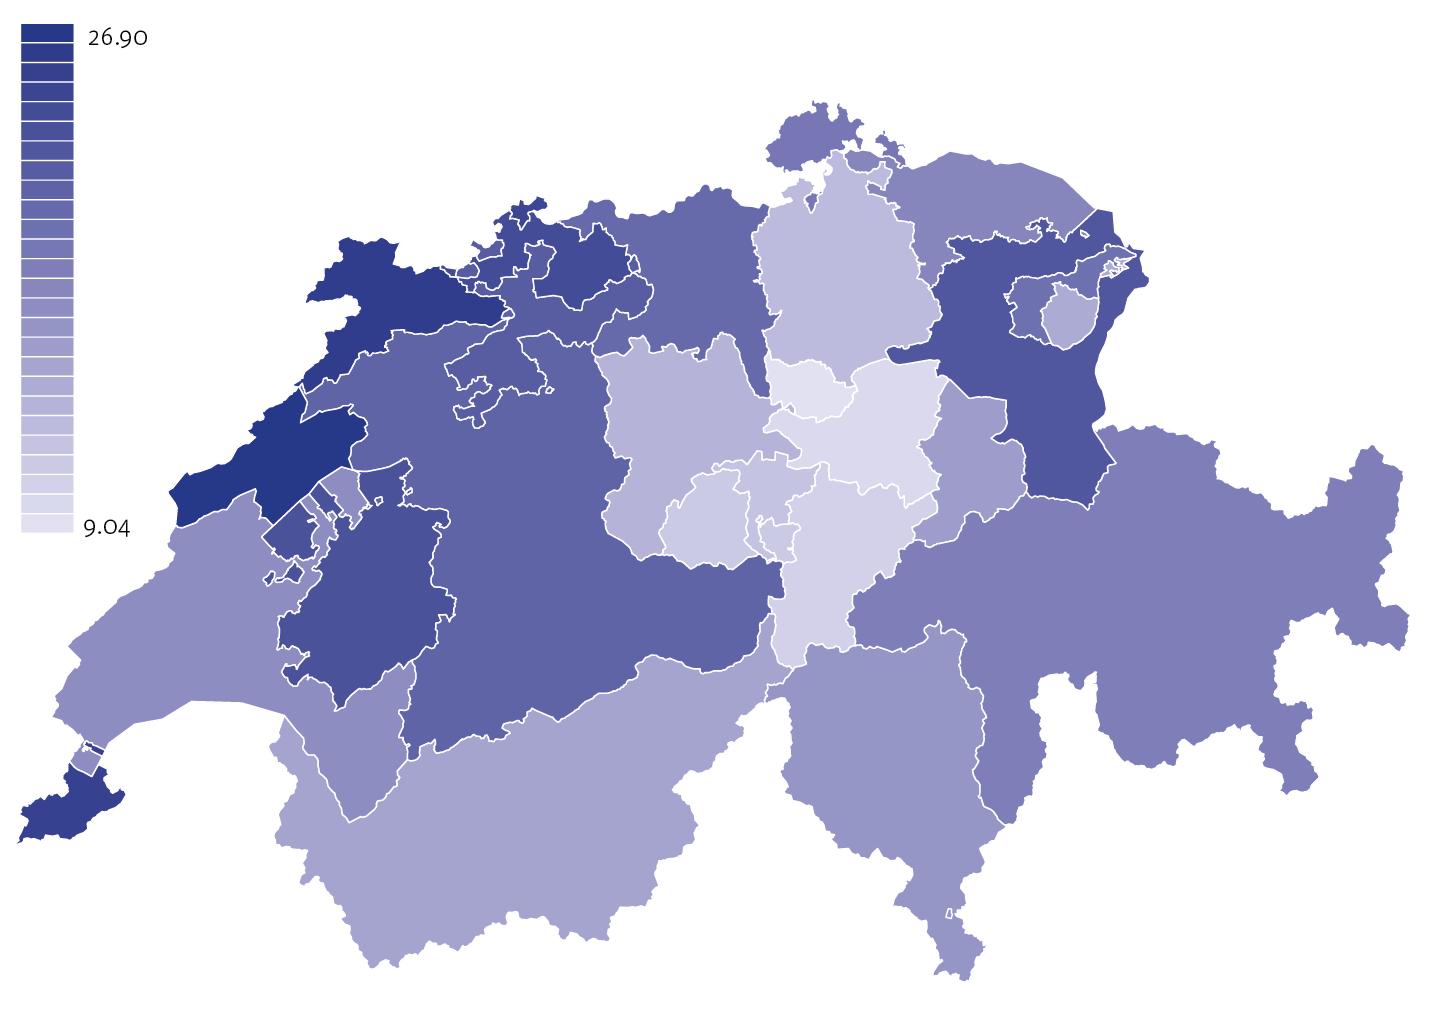 Schmidheiny_Roth_DE